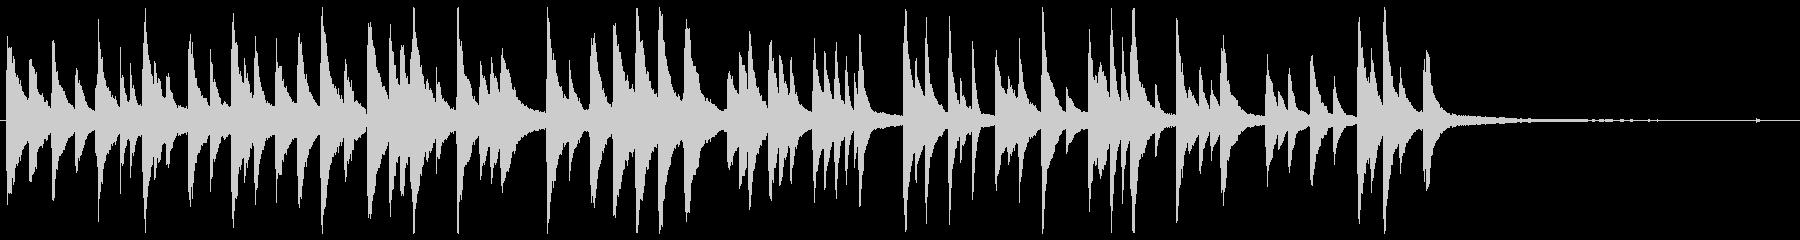 「たなばたさま」ゆったりとしたピアノソロの未再生の波形